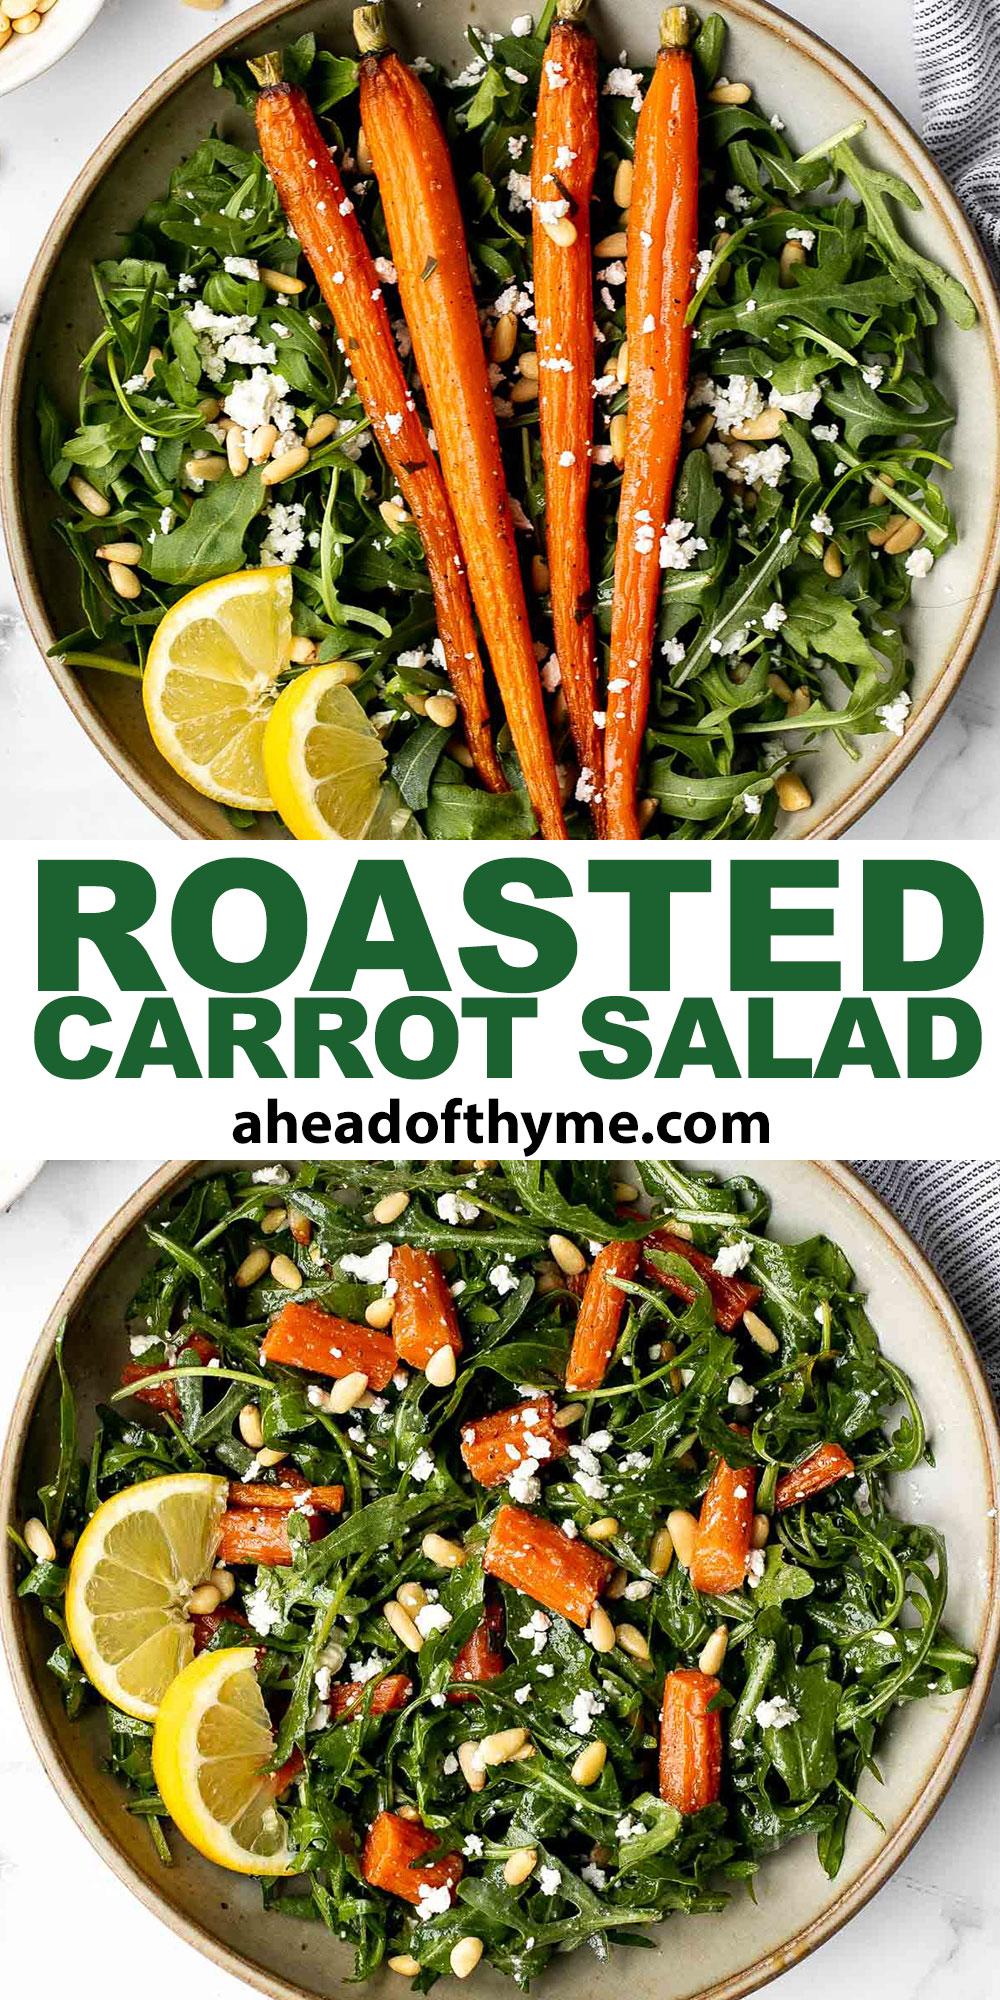 Arugula and Roasted Carrot Salad